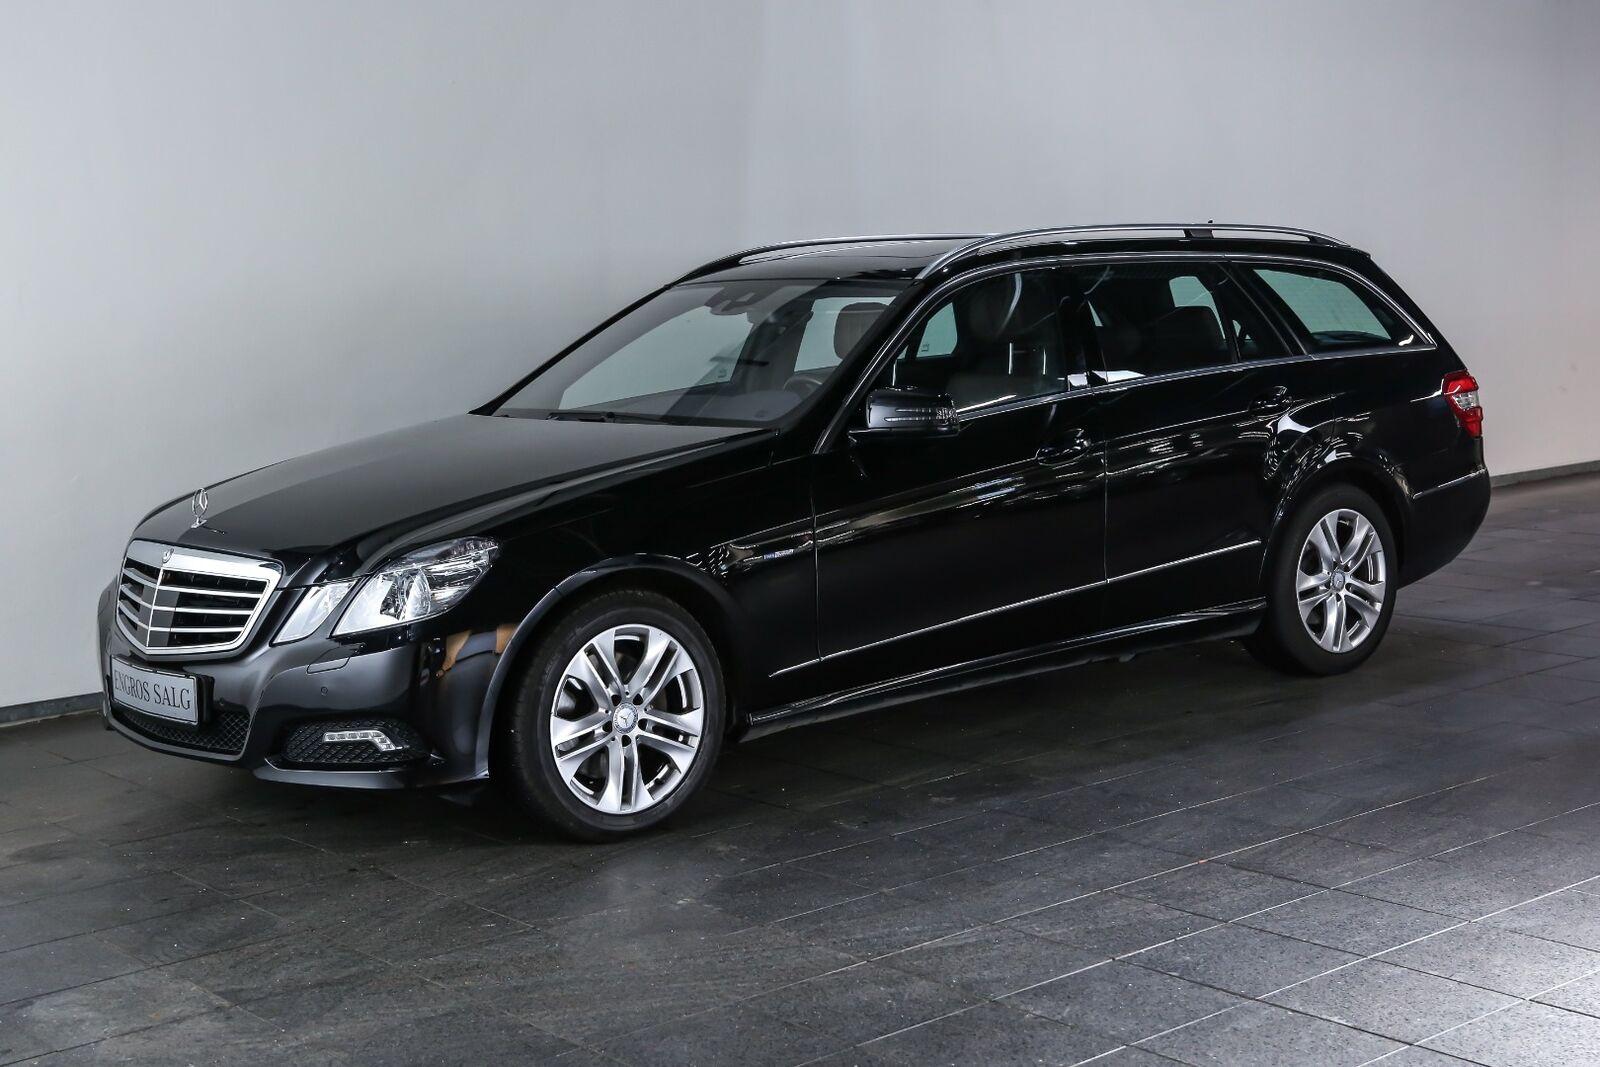 Mercedes-Benz E350 3,0 CDi Avantgarde stc. aut. 4-M